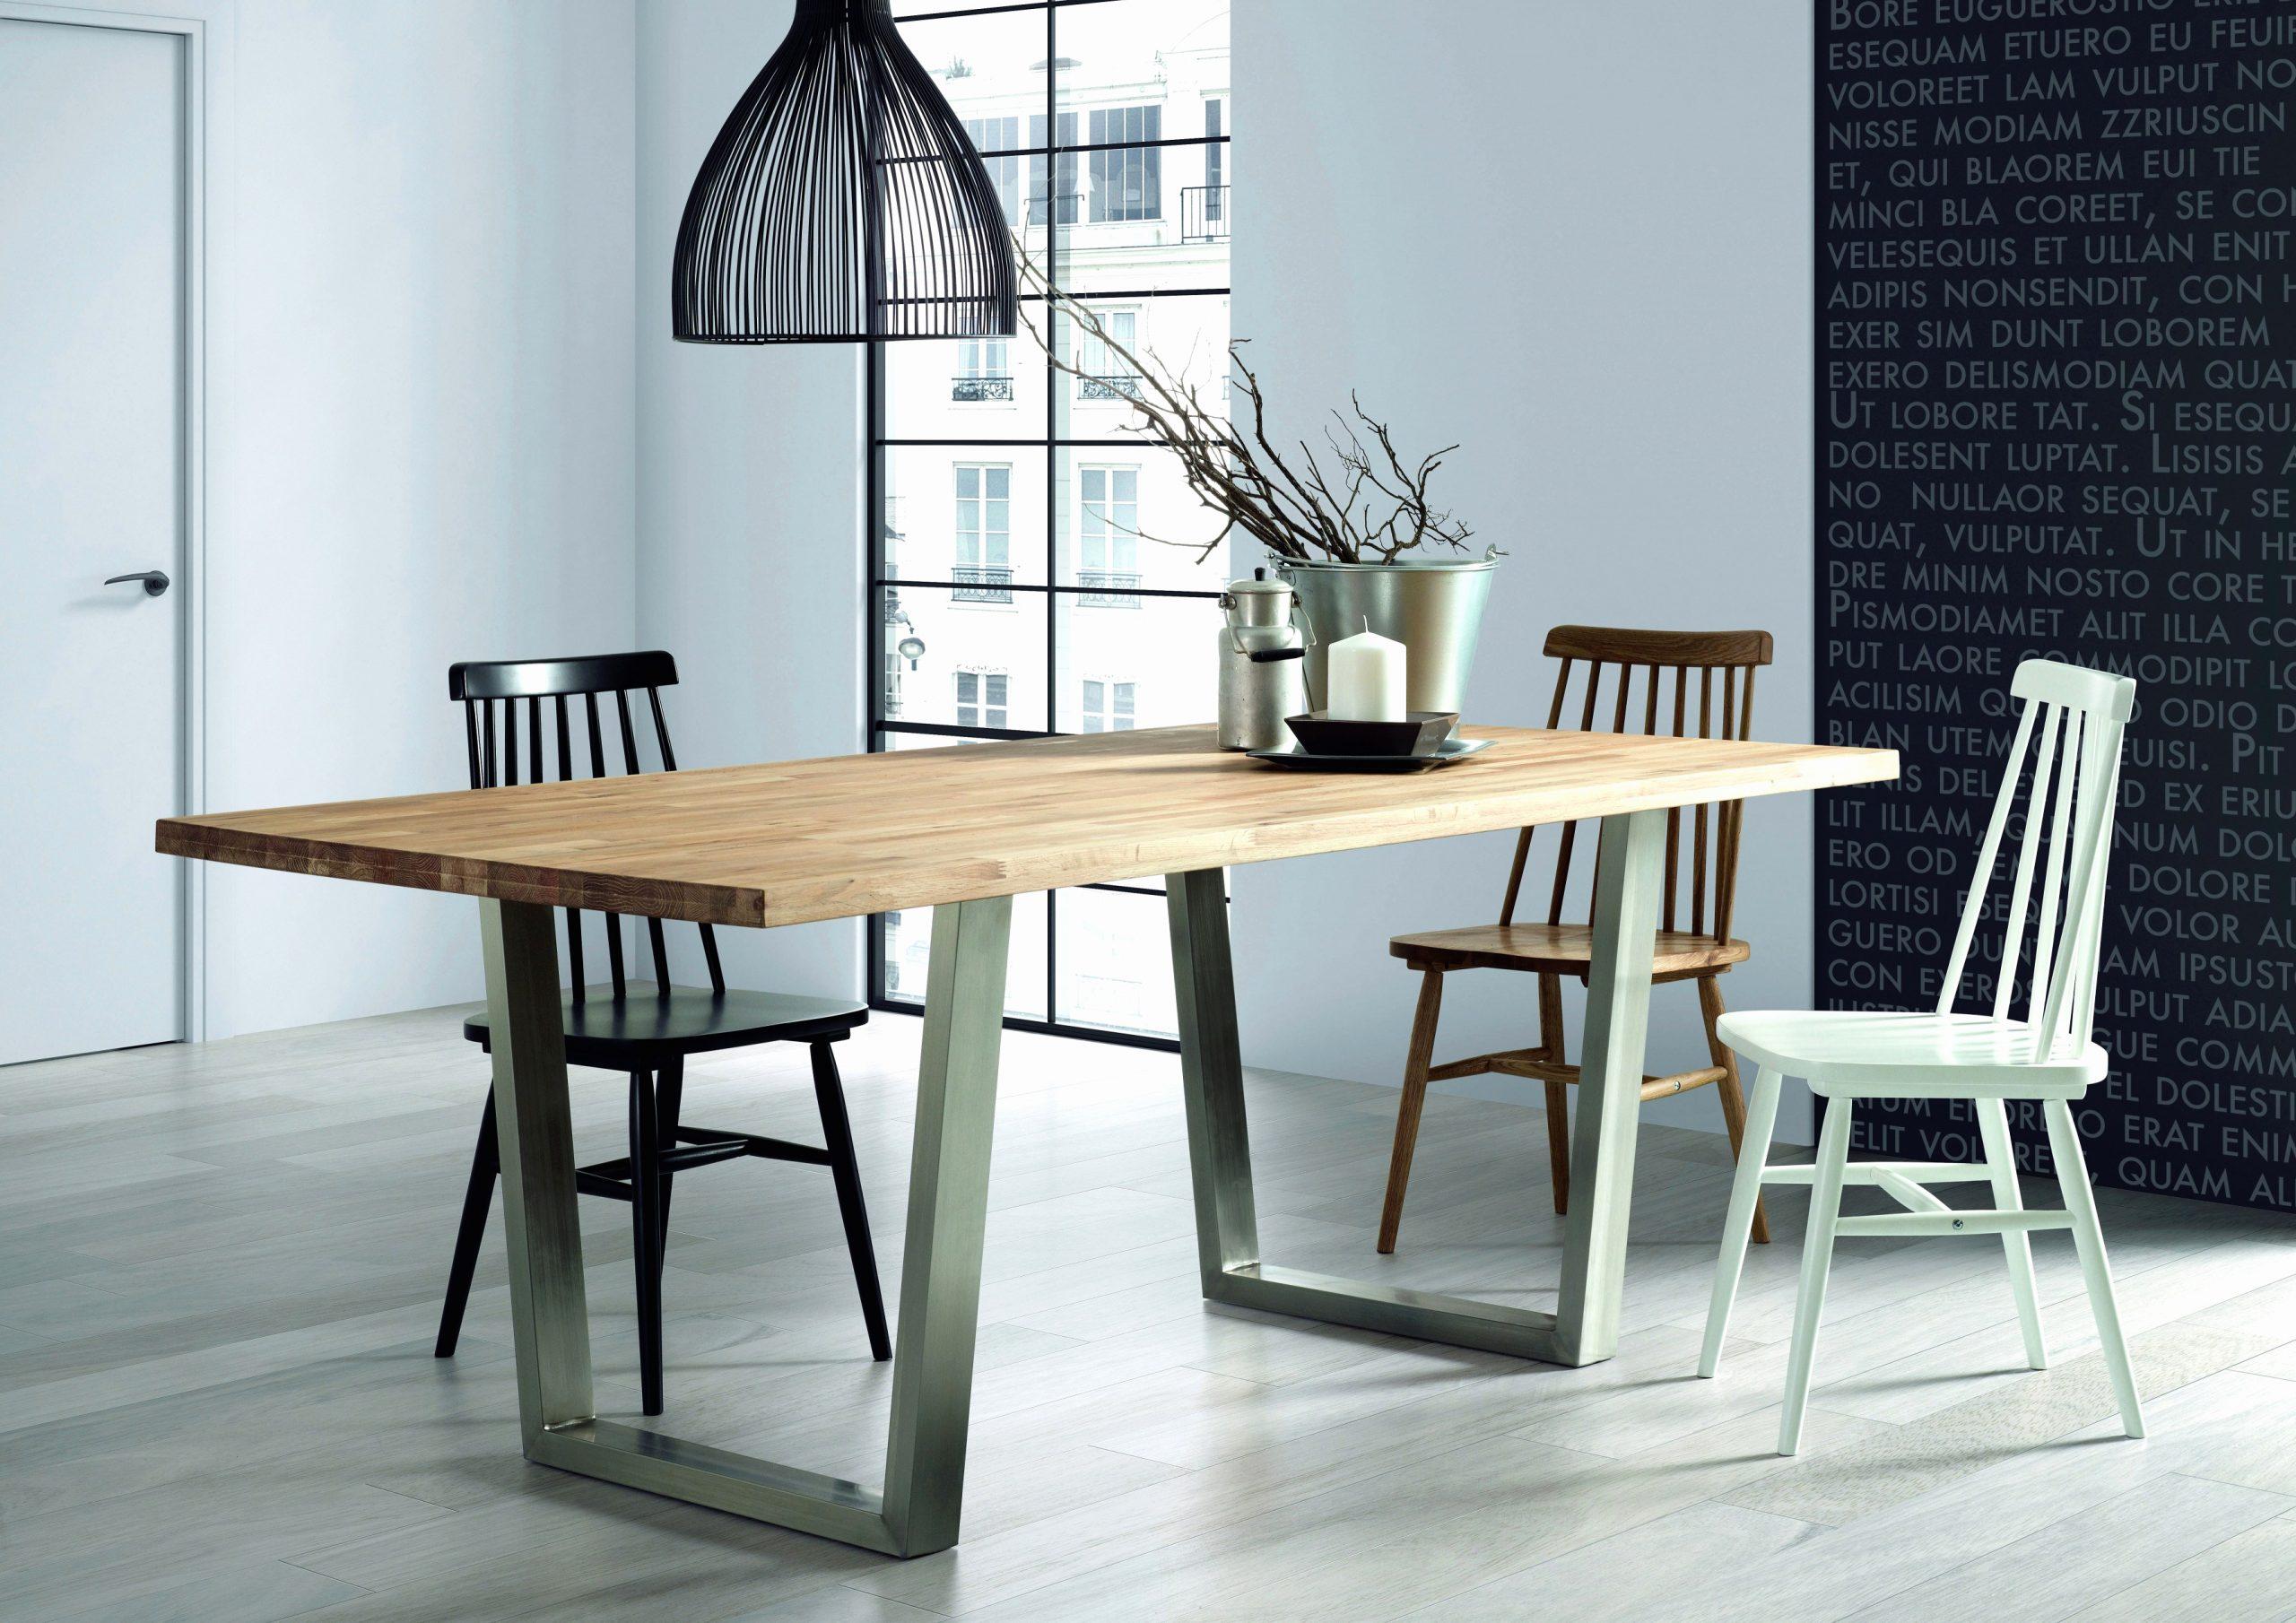 Sympathique Images De Table Salle A Manger Ceramique Beau ... tout Armoire De Jardin Ikea